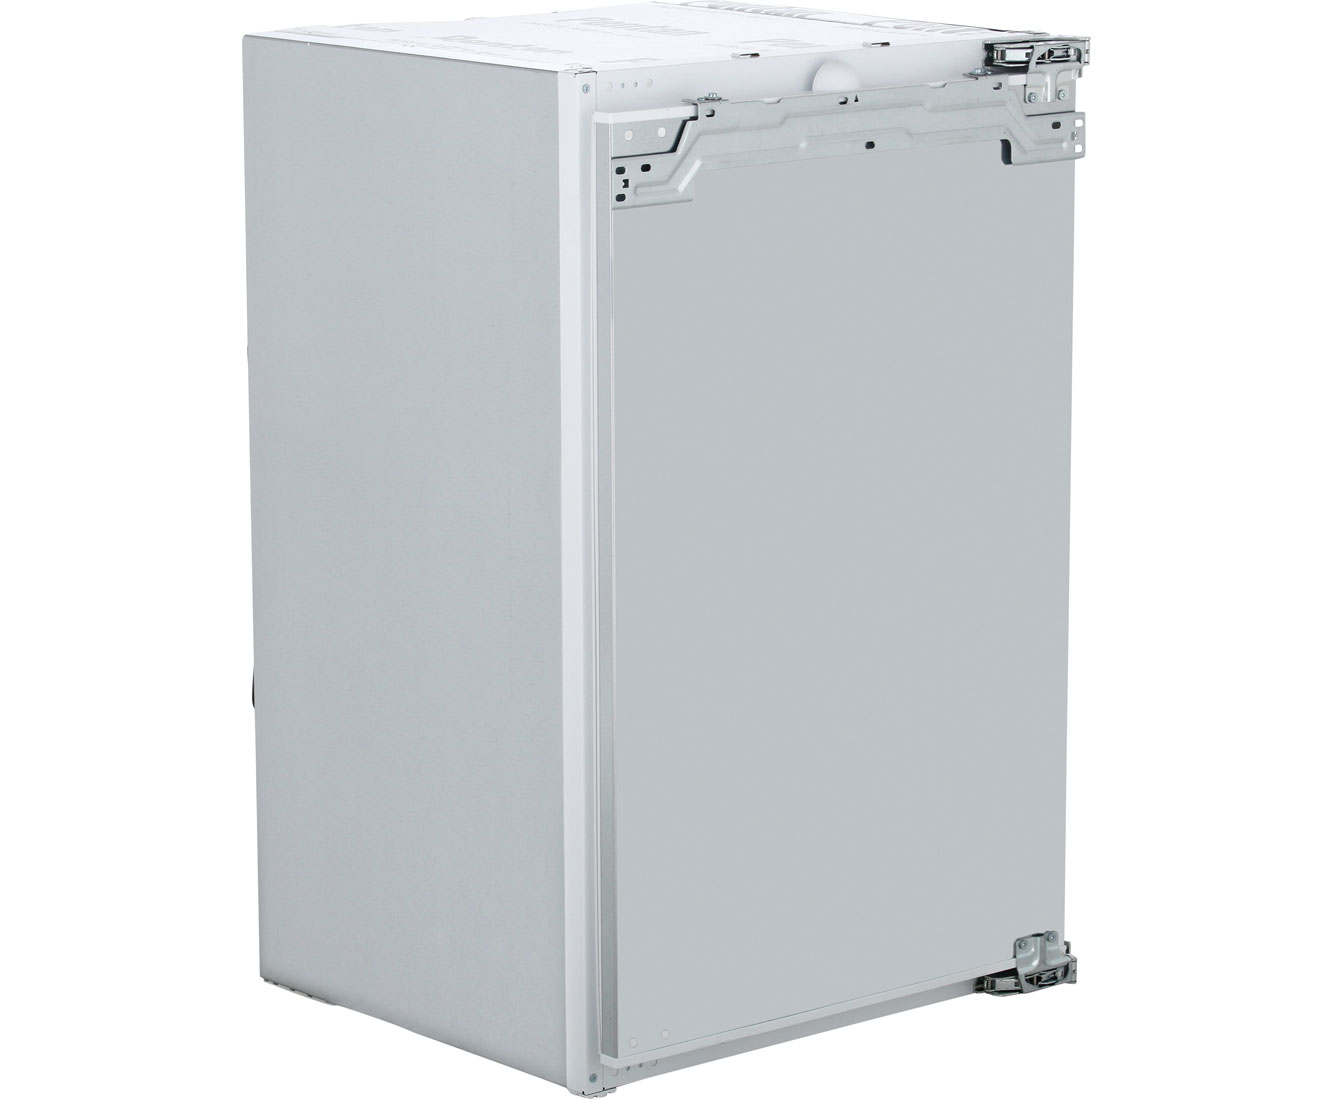 Siemens Kühlschrank Scharnier Einstellen : Siemens kühlschrank scharnier einstellen gefrierschrank tür